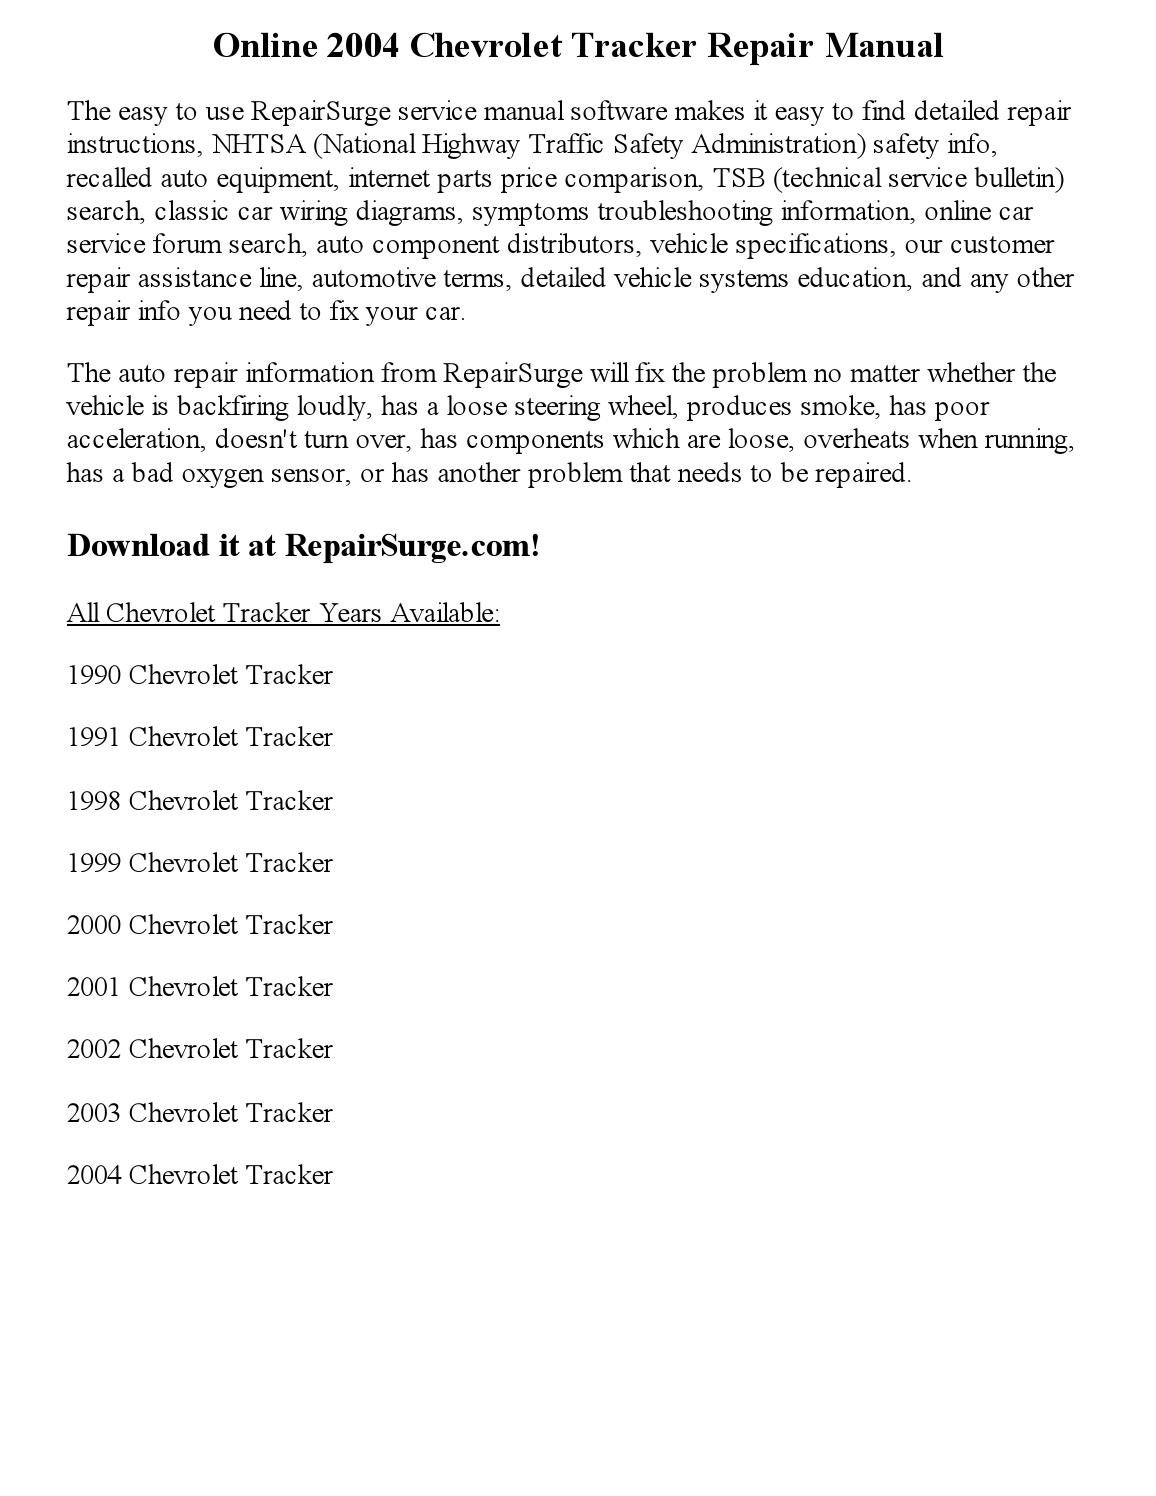 2000 chevy tracker repair manual download